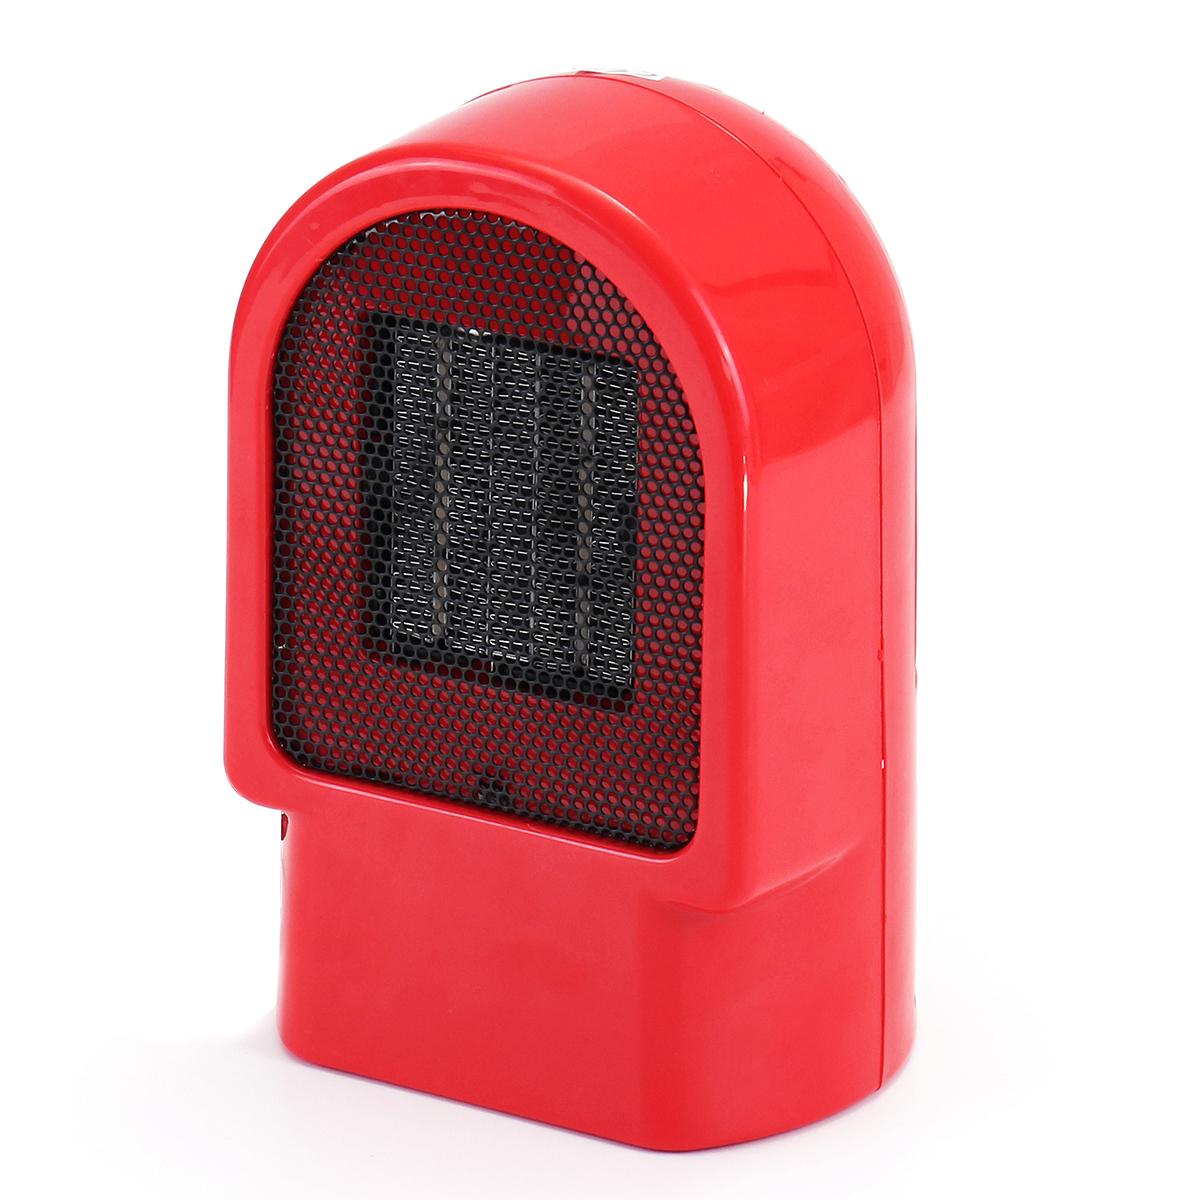 Красный#and#nbsp;Mini#and#nbsp;Нагреватель#and#nbsp;Маленький#and#nbsp;рабочий#and#nbsp;стол Нагреватель Электрический Нагреватель Портативный вентилятор для подогрева